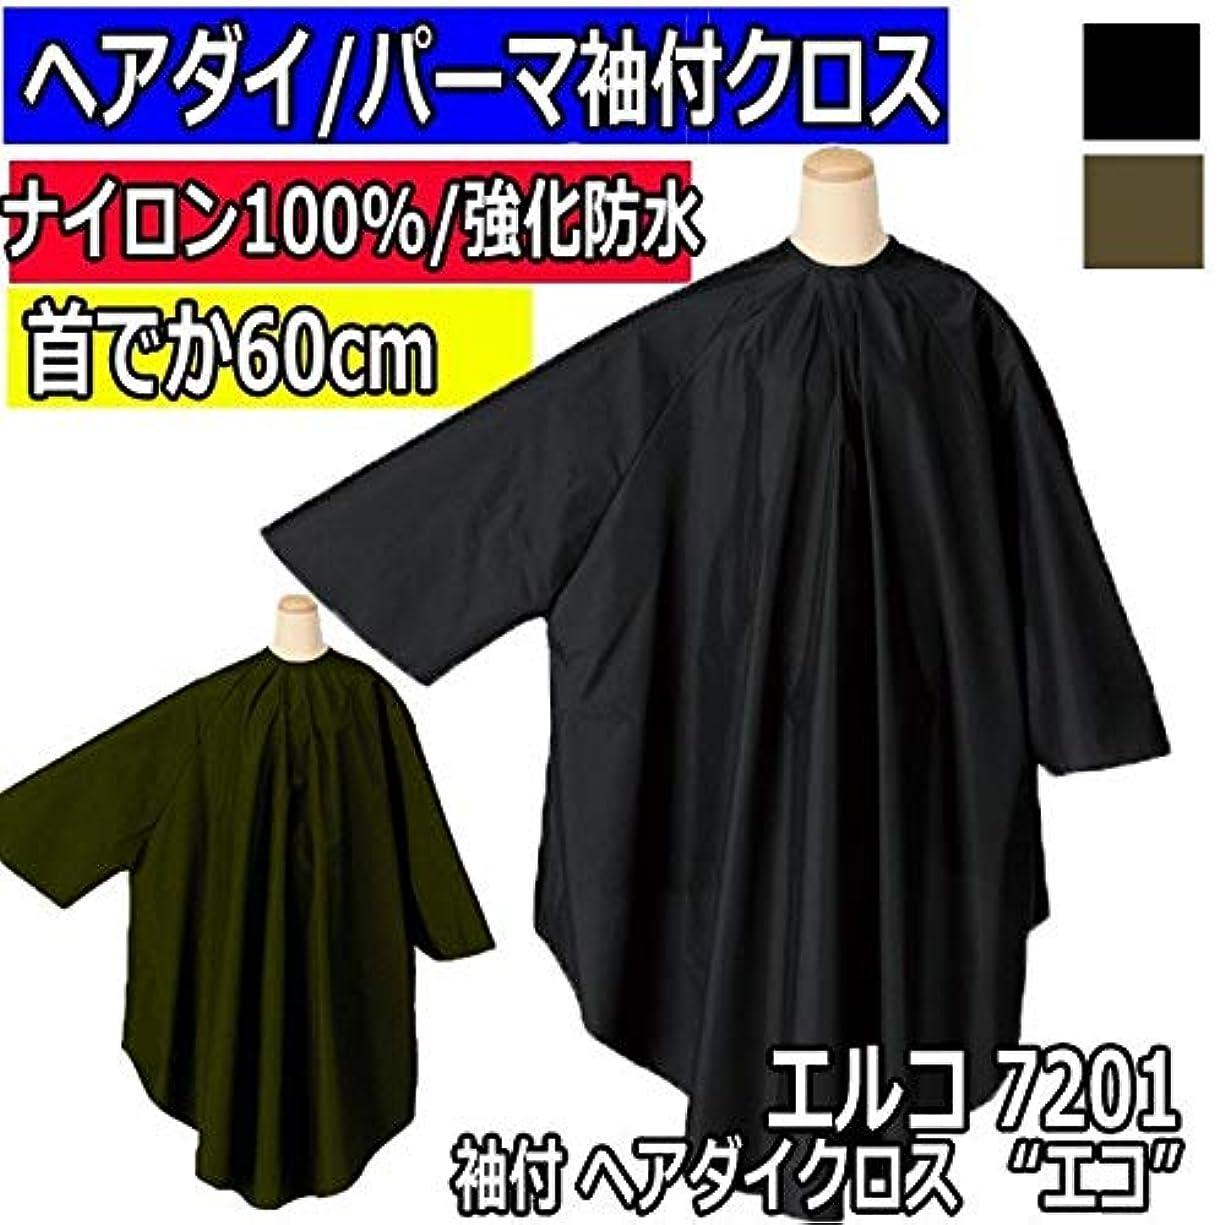 怠換気領域防水加工 7201 袖付 ヘアダイクロス エコ 黒 60